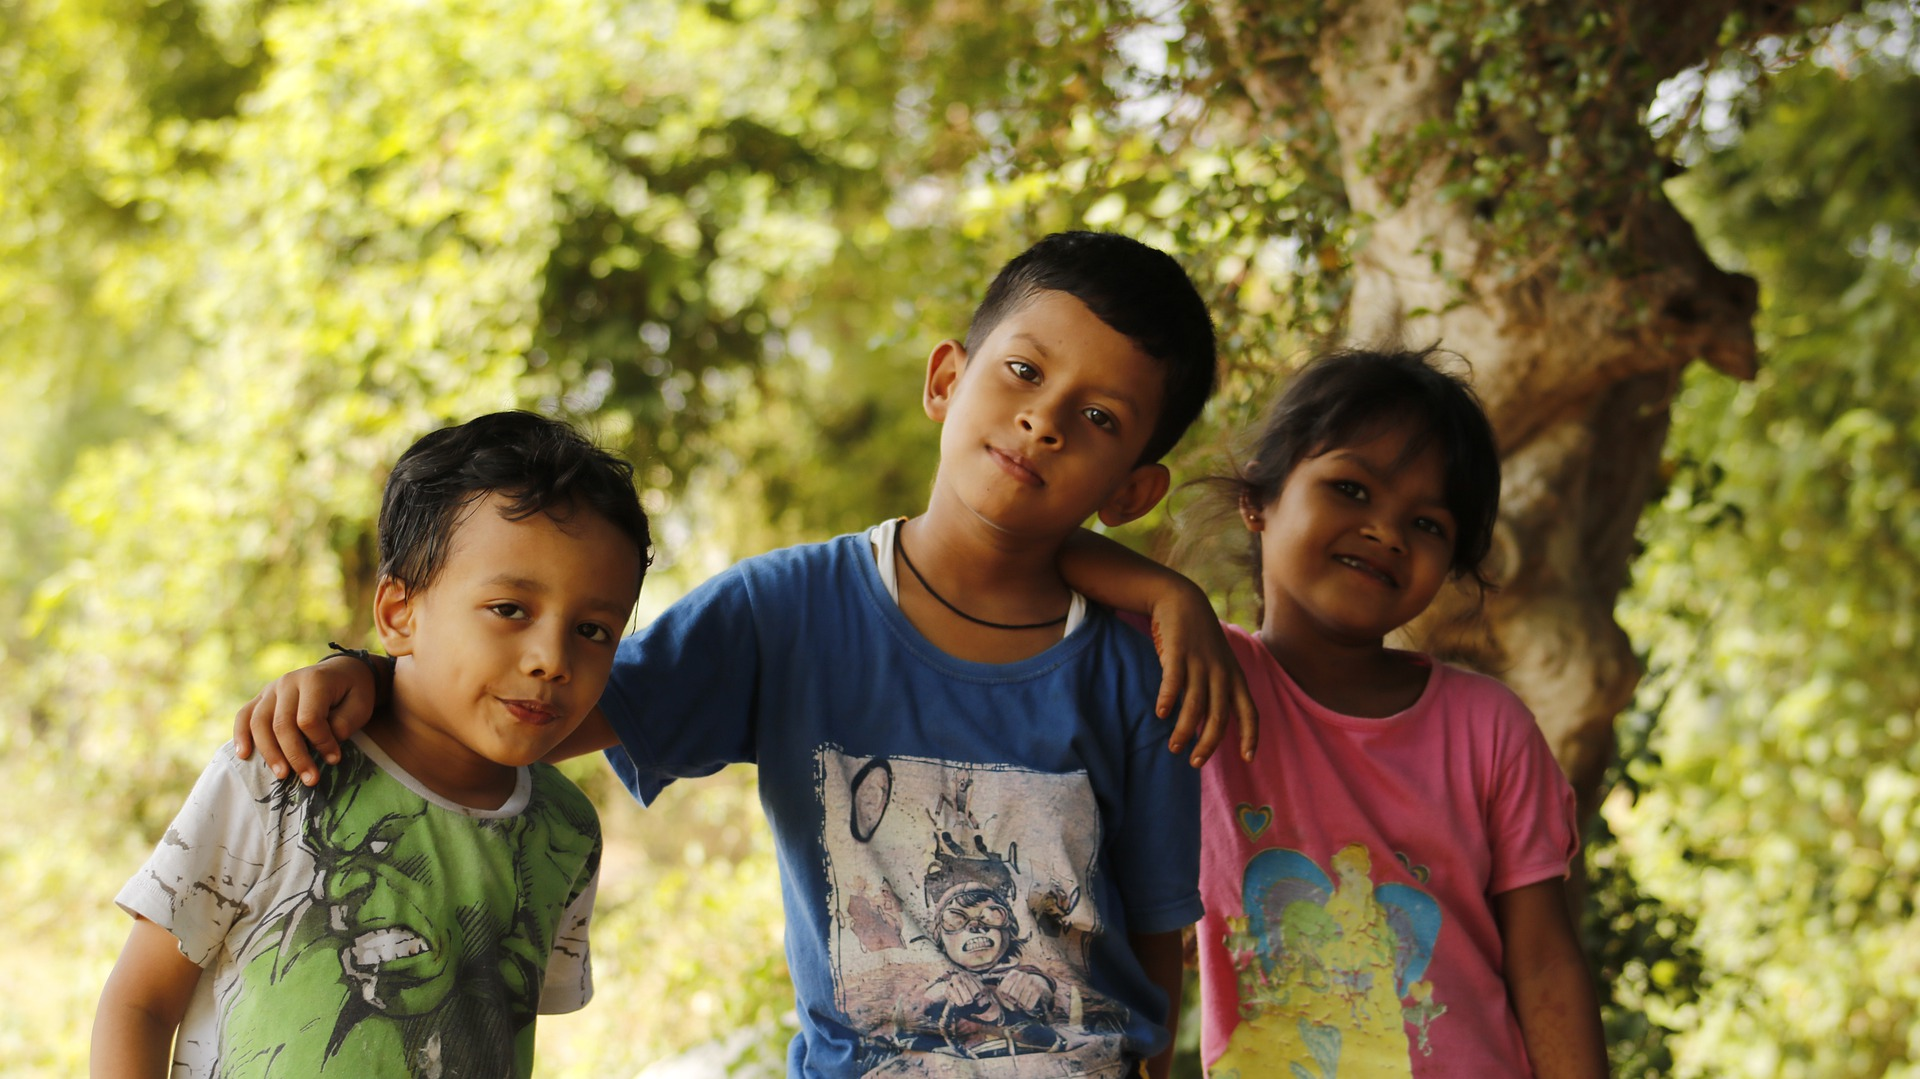 Volontariato internazionale in Brasile con bambini al centro Teresa Verzeri con ICYE